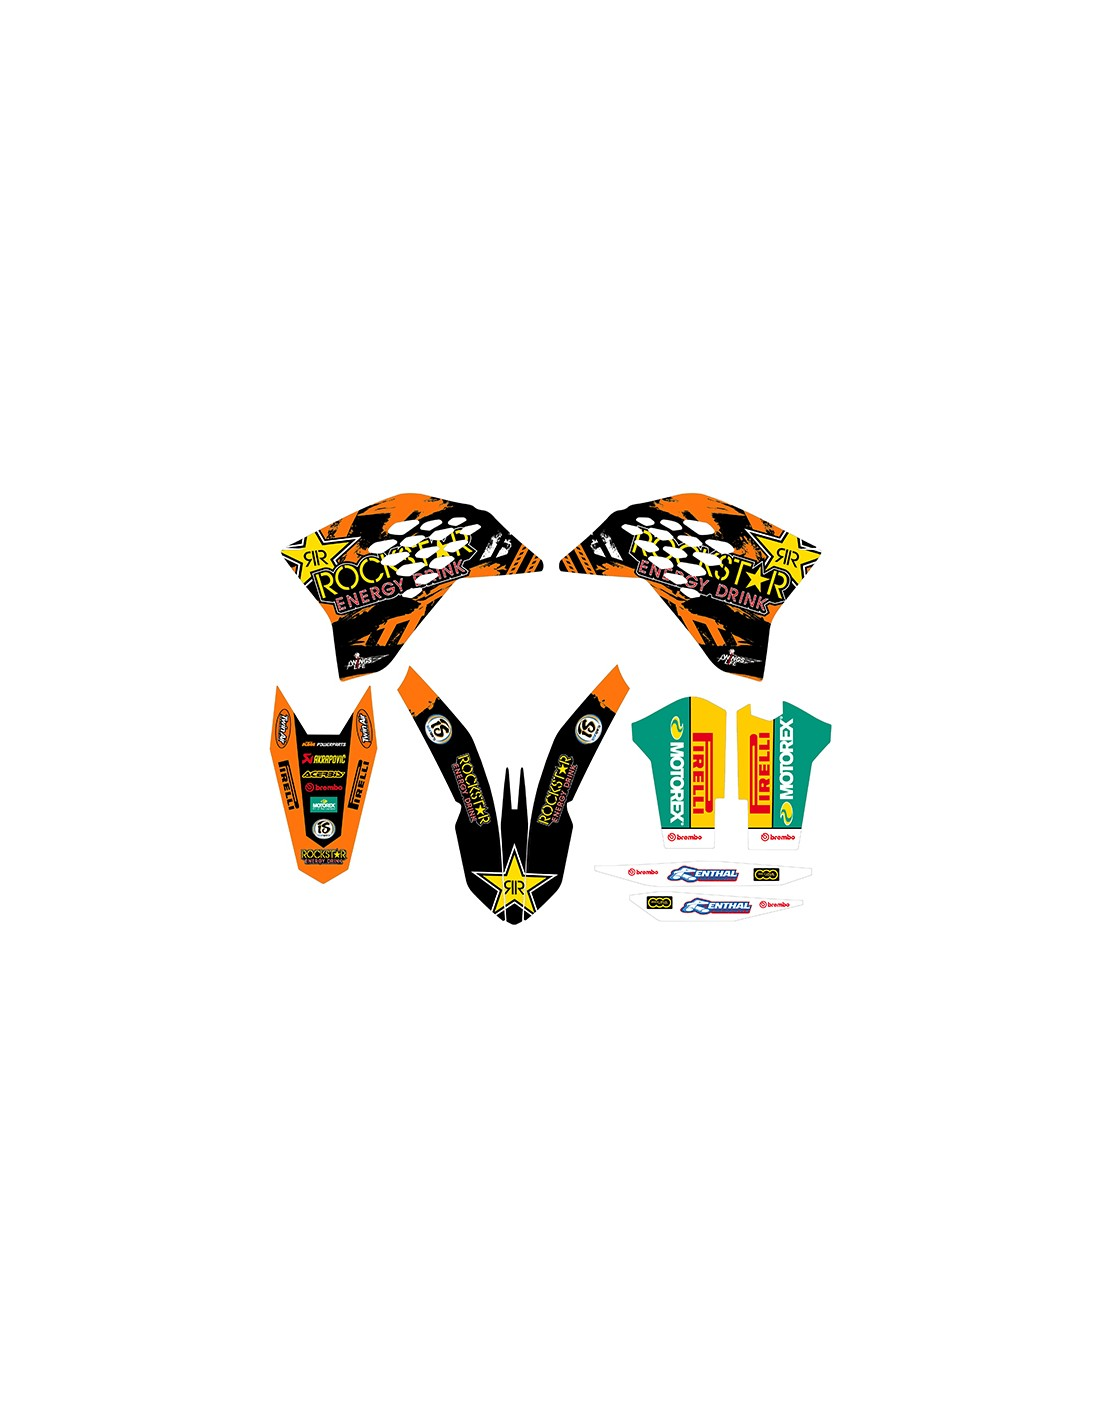 Kit Adesivi Grafiche Rockstar KTM Exc 2008 2011 Sx 2007 2010